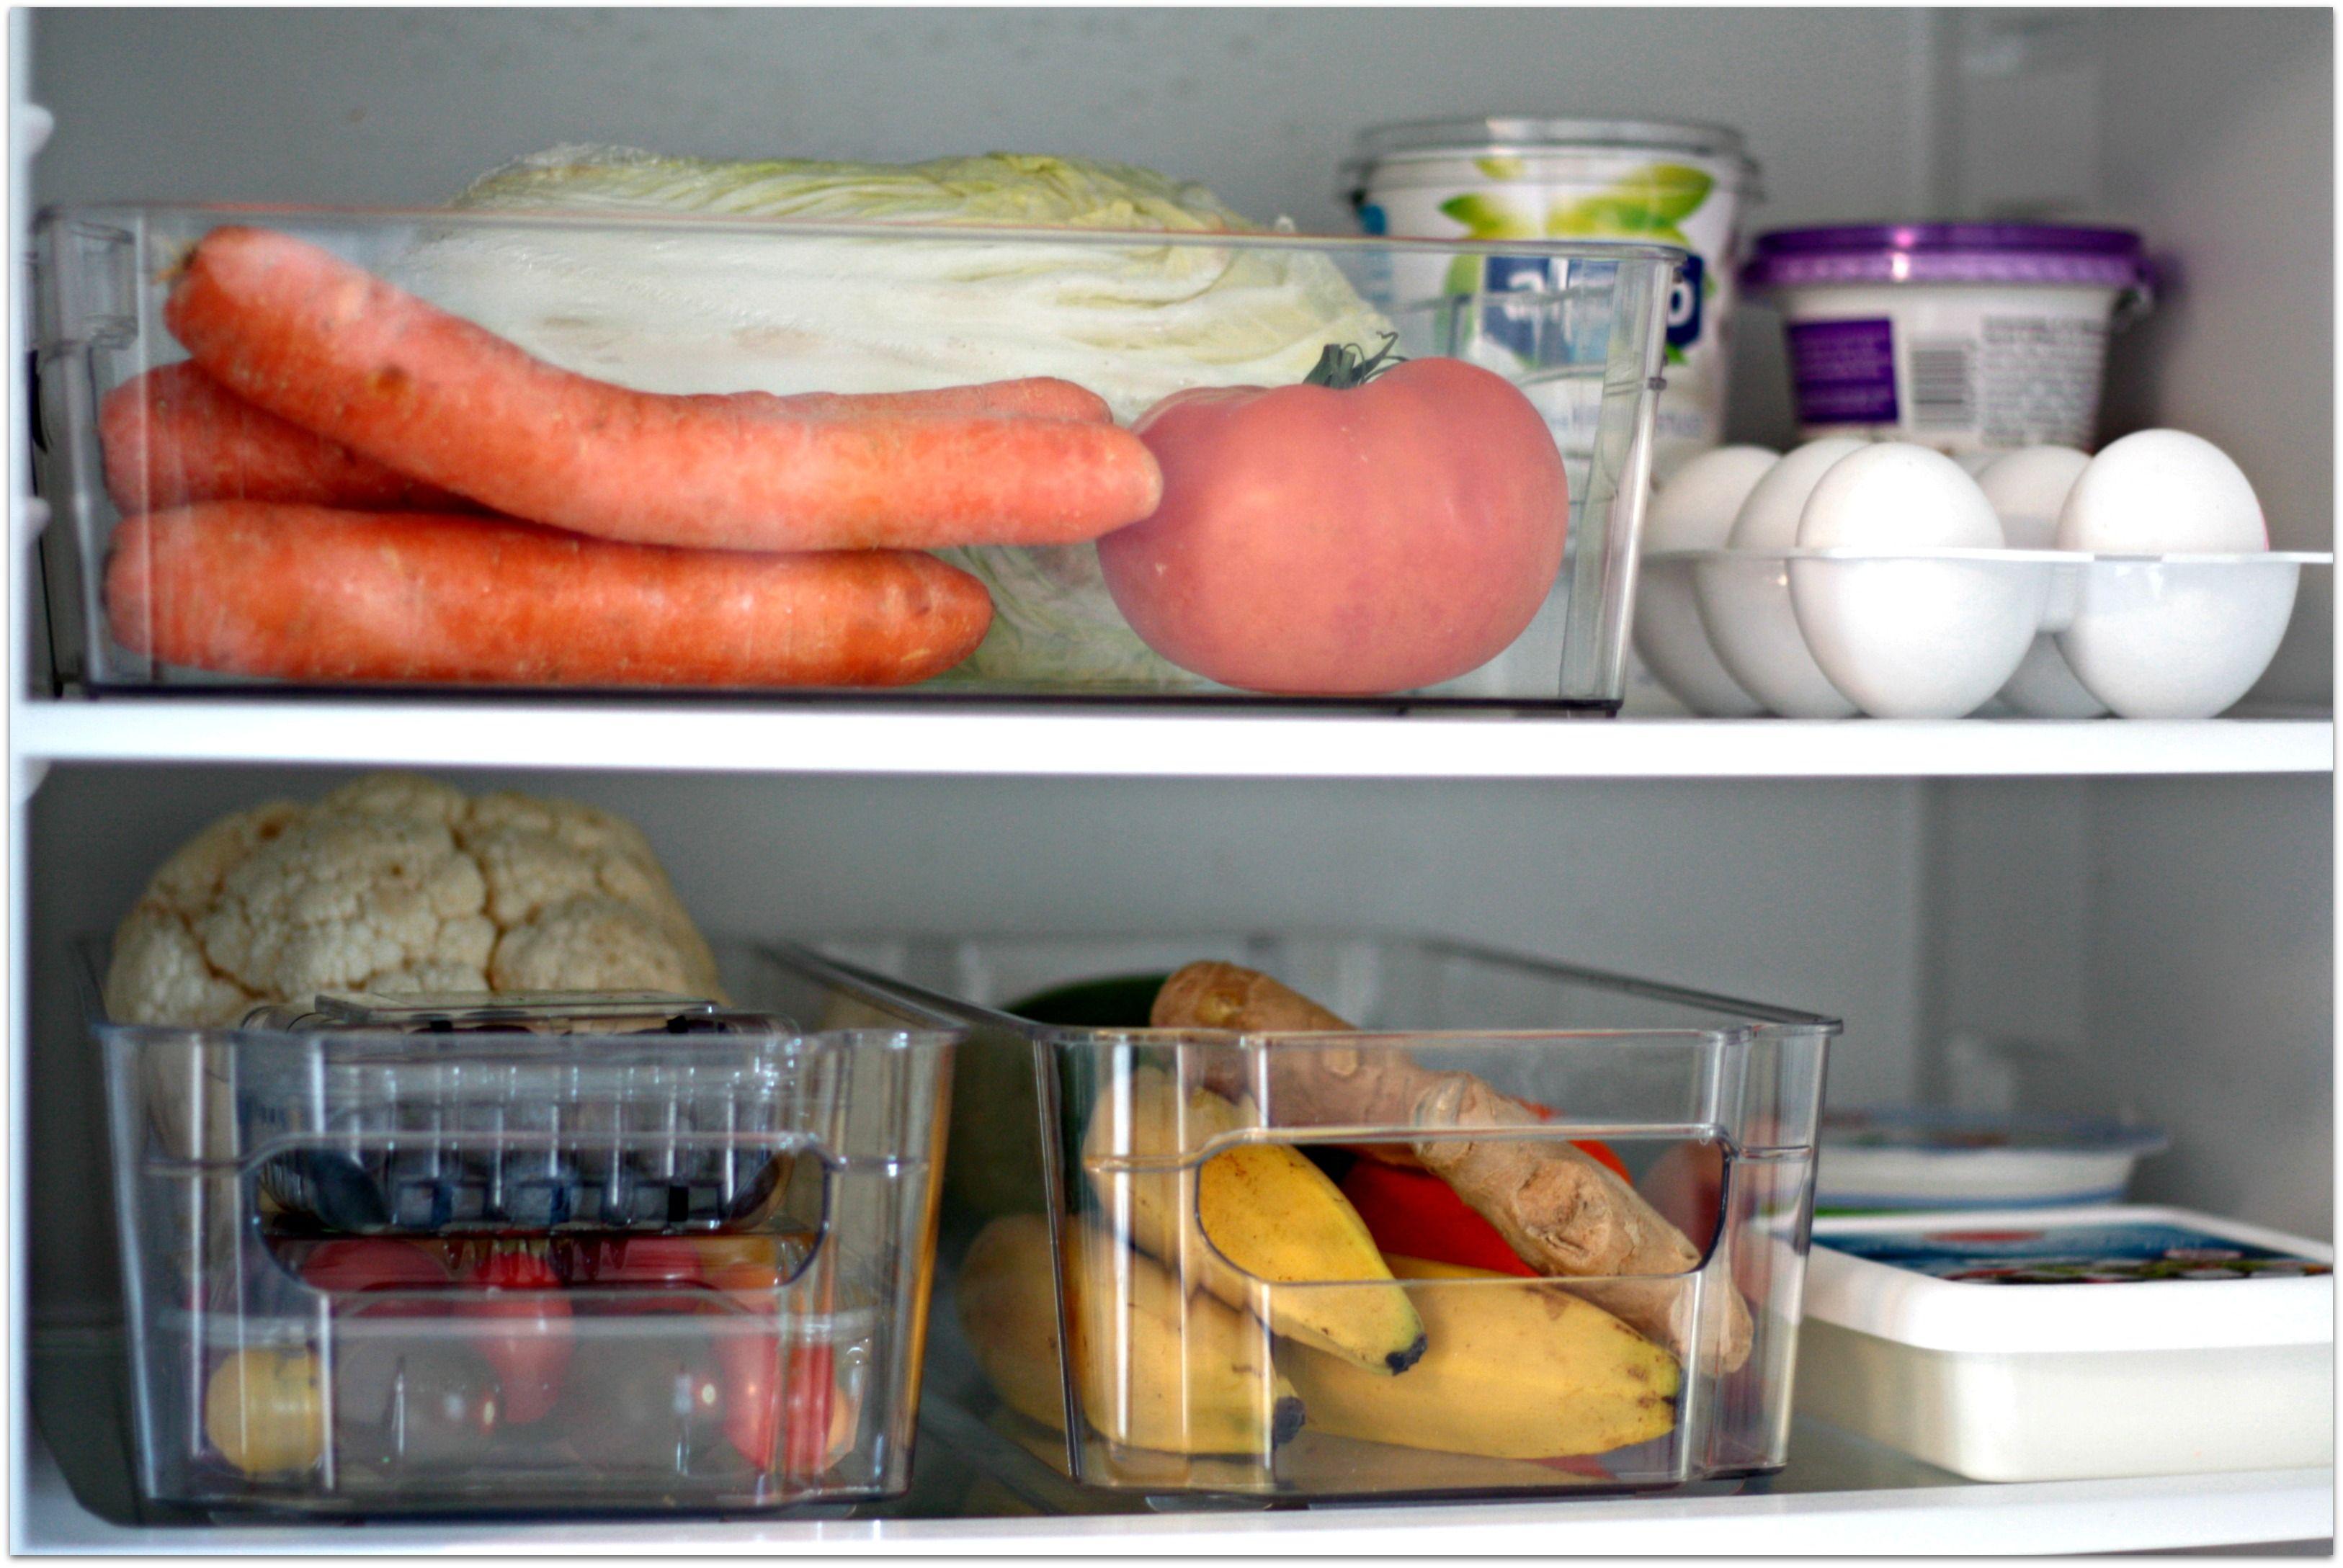 Kühlschrank Ordnung : Ordnung im kühlschrank mit körbchen frag mutti